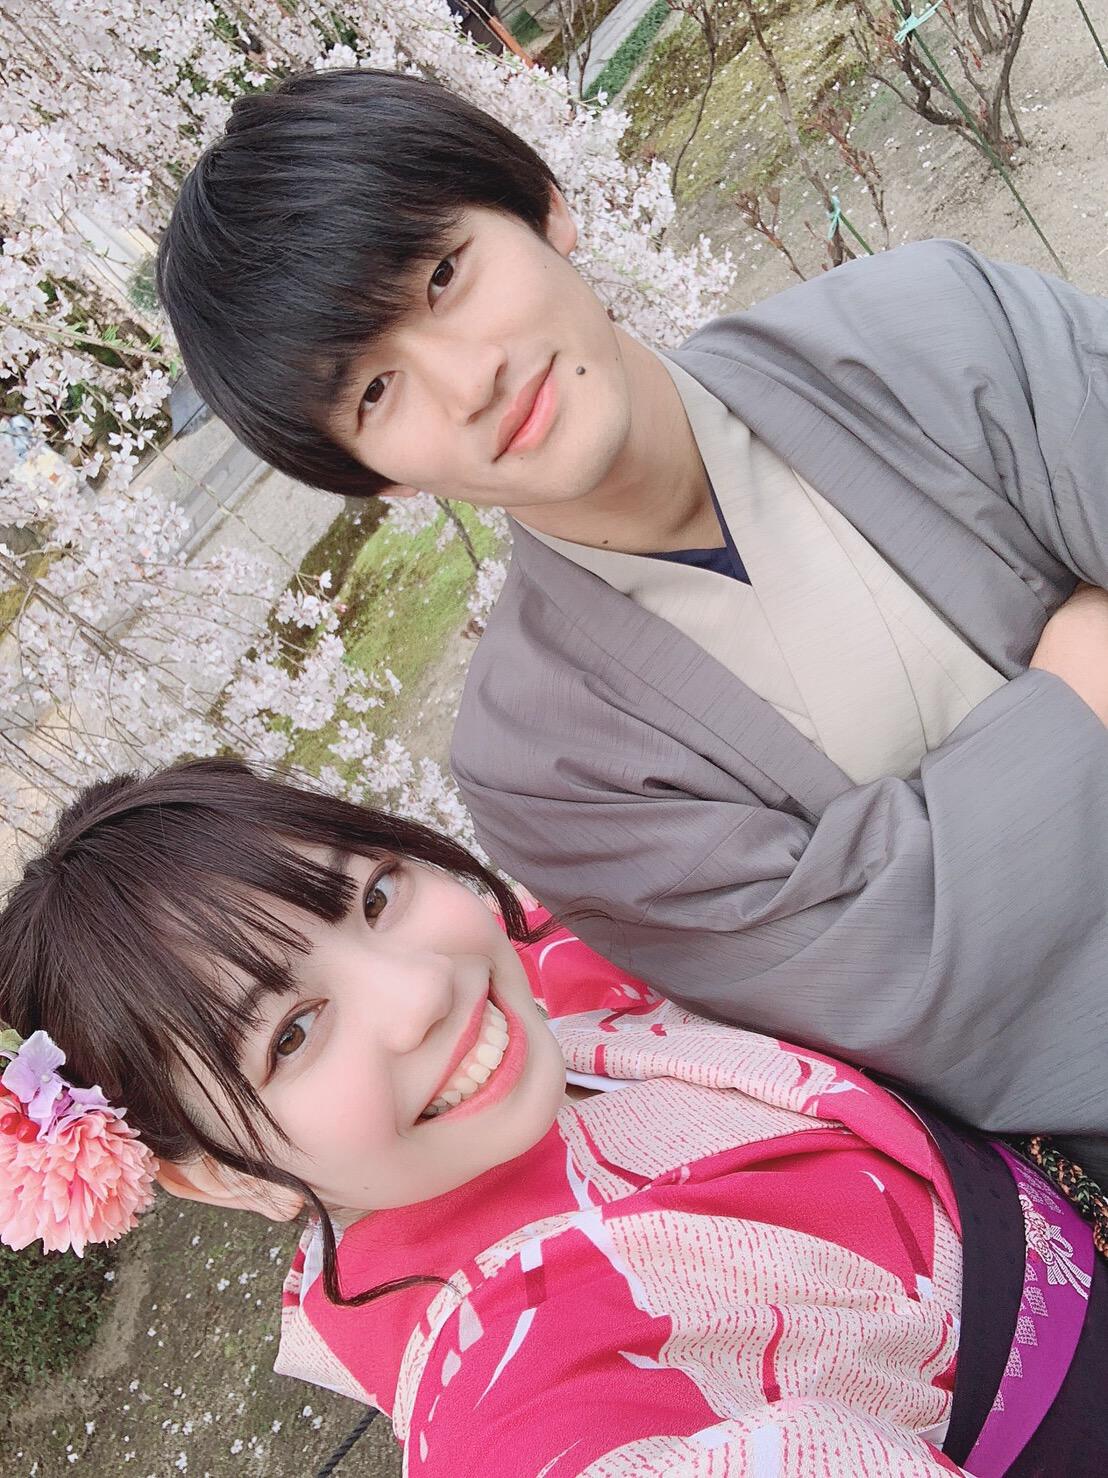 リピーター様❣平野神社でお花見2019年3月29日7